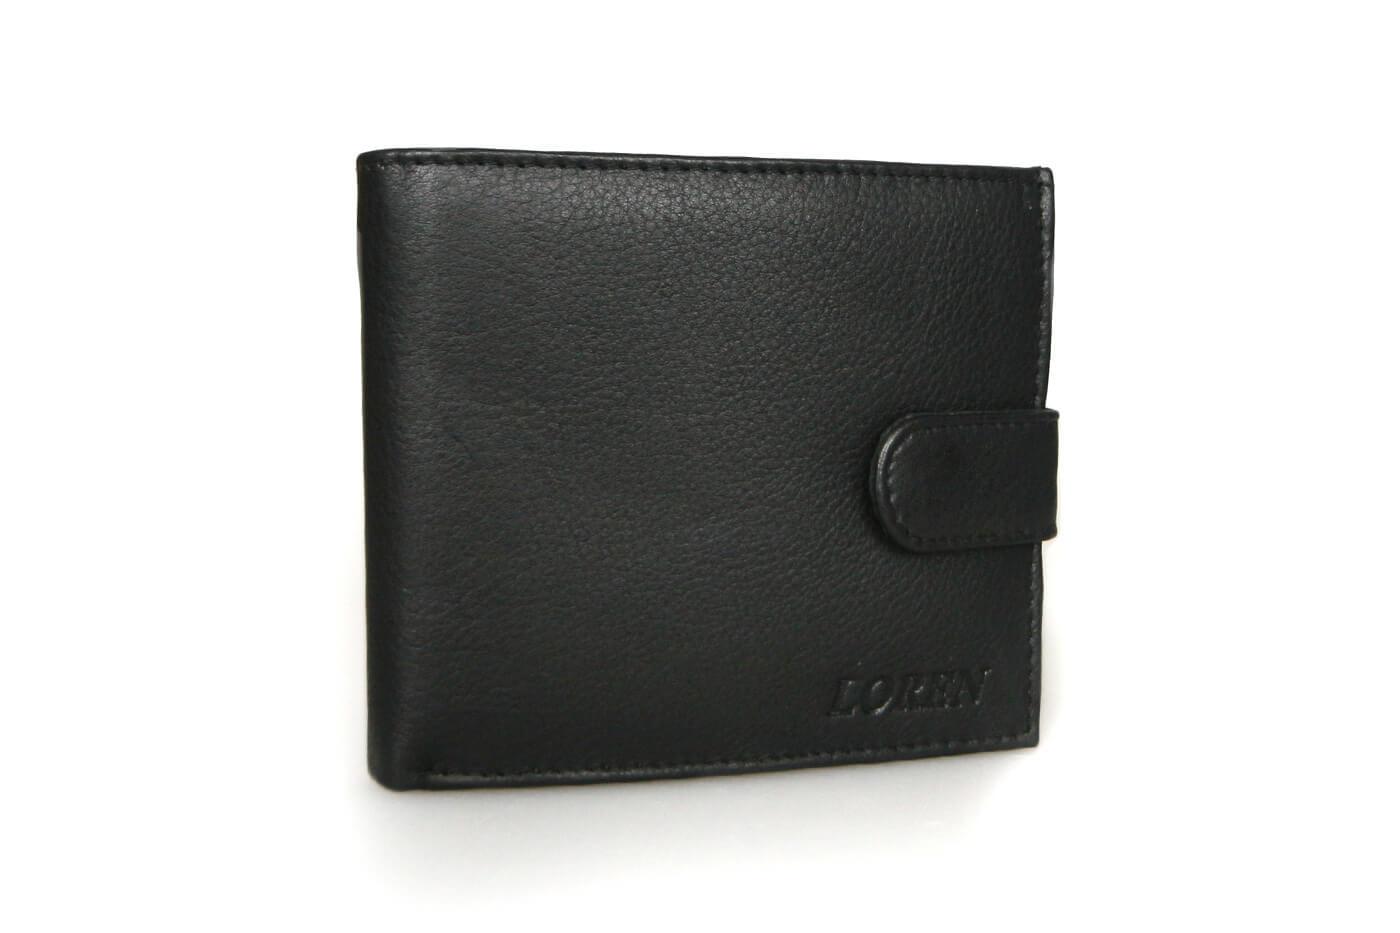 LOREN Pánska kožená peňaženka na šírku - čierna so zapínaním (šírka 11,5 cm x výška 10 cm)